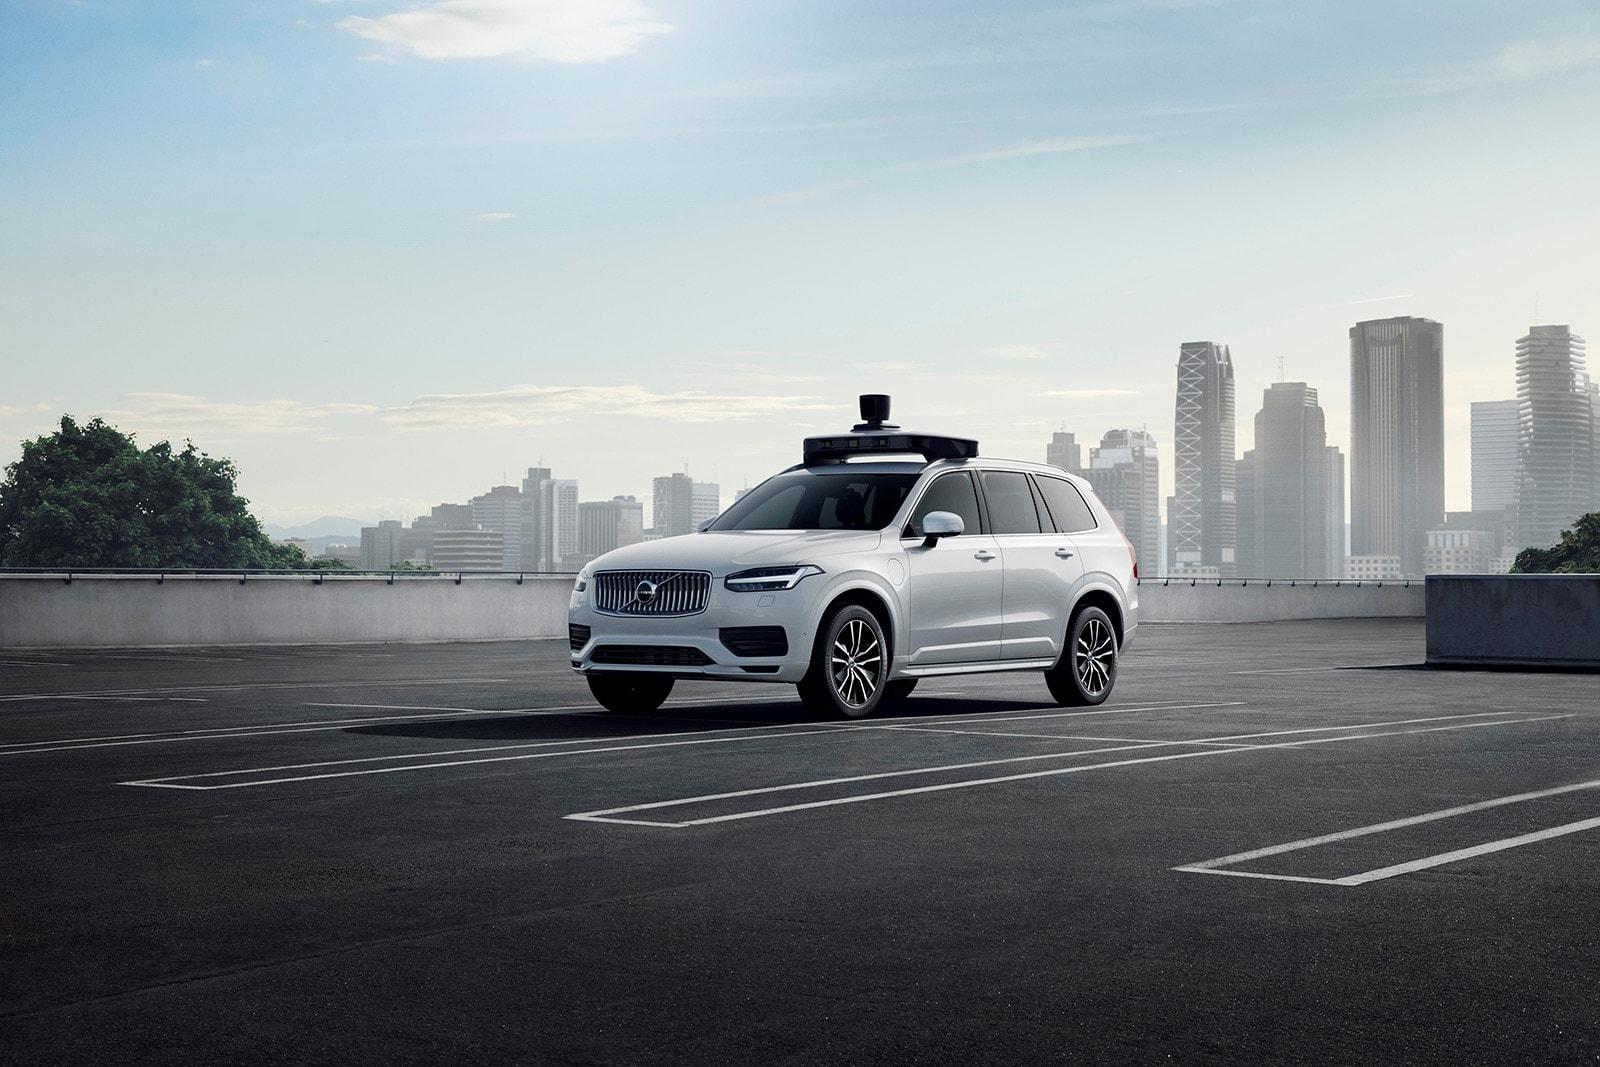 沃尔沃汽车与优步联合推出自动驾驶基础车型